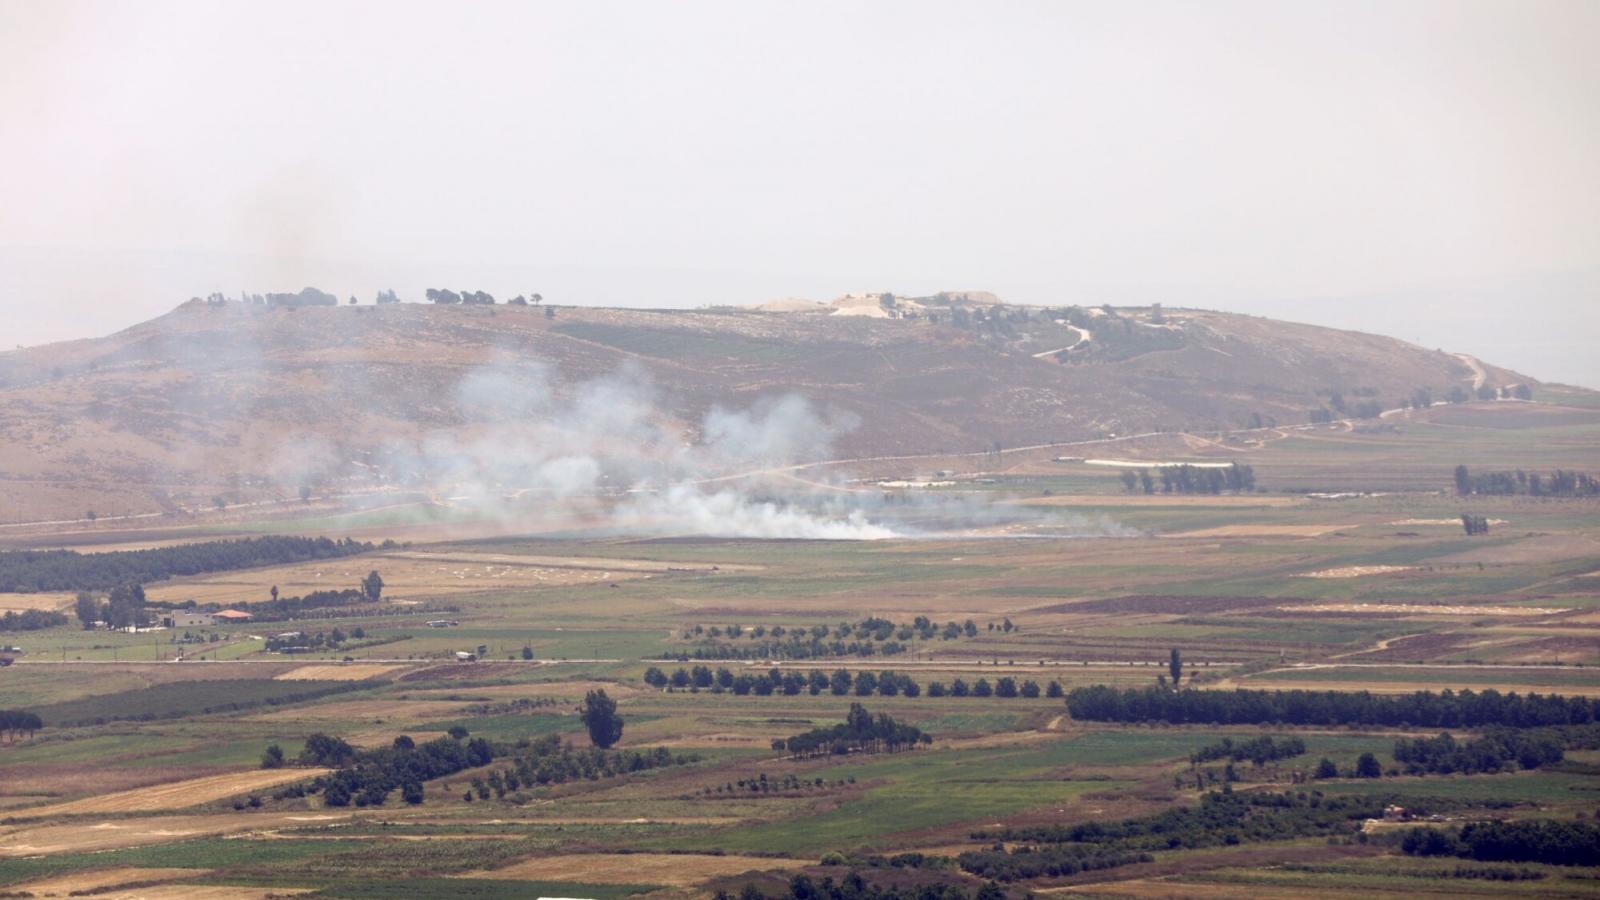 Israel cảnh báo các cuộc tấn công của Hezbollah có thể dẫn đến hủy diệt ở Lebanon